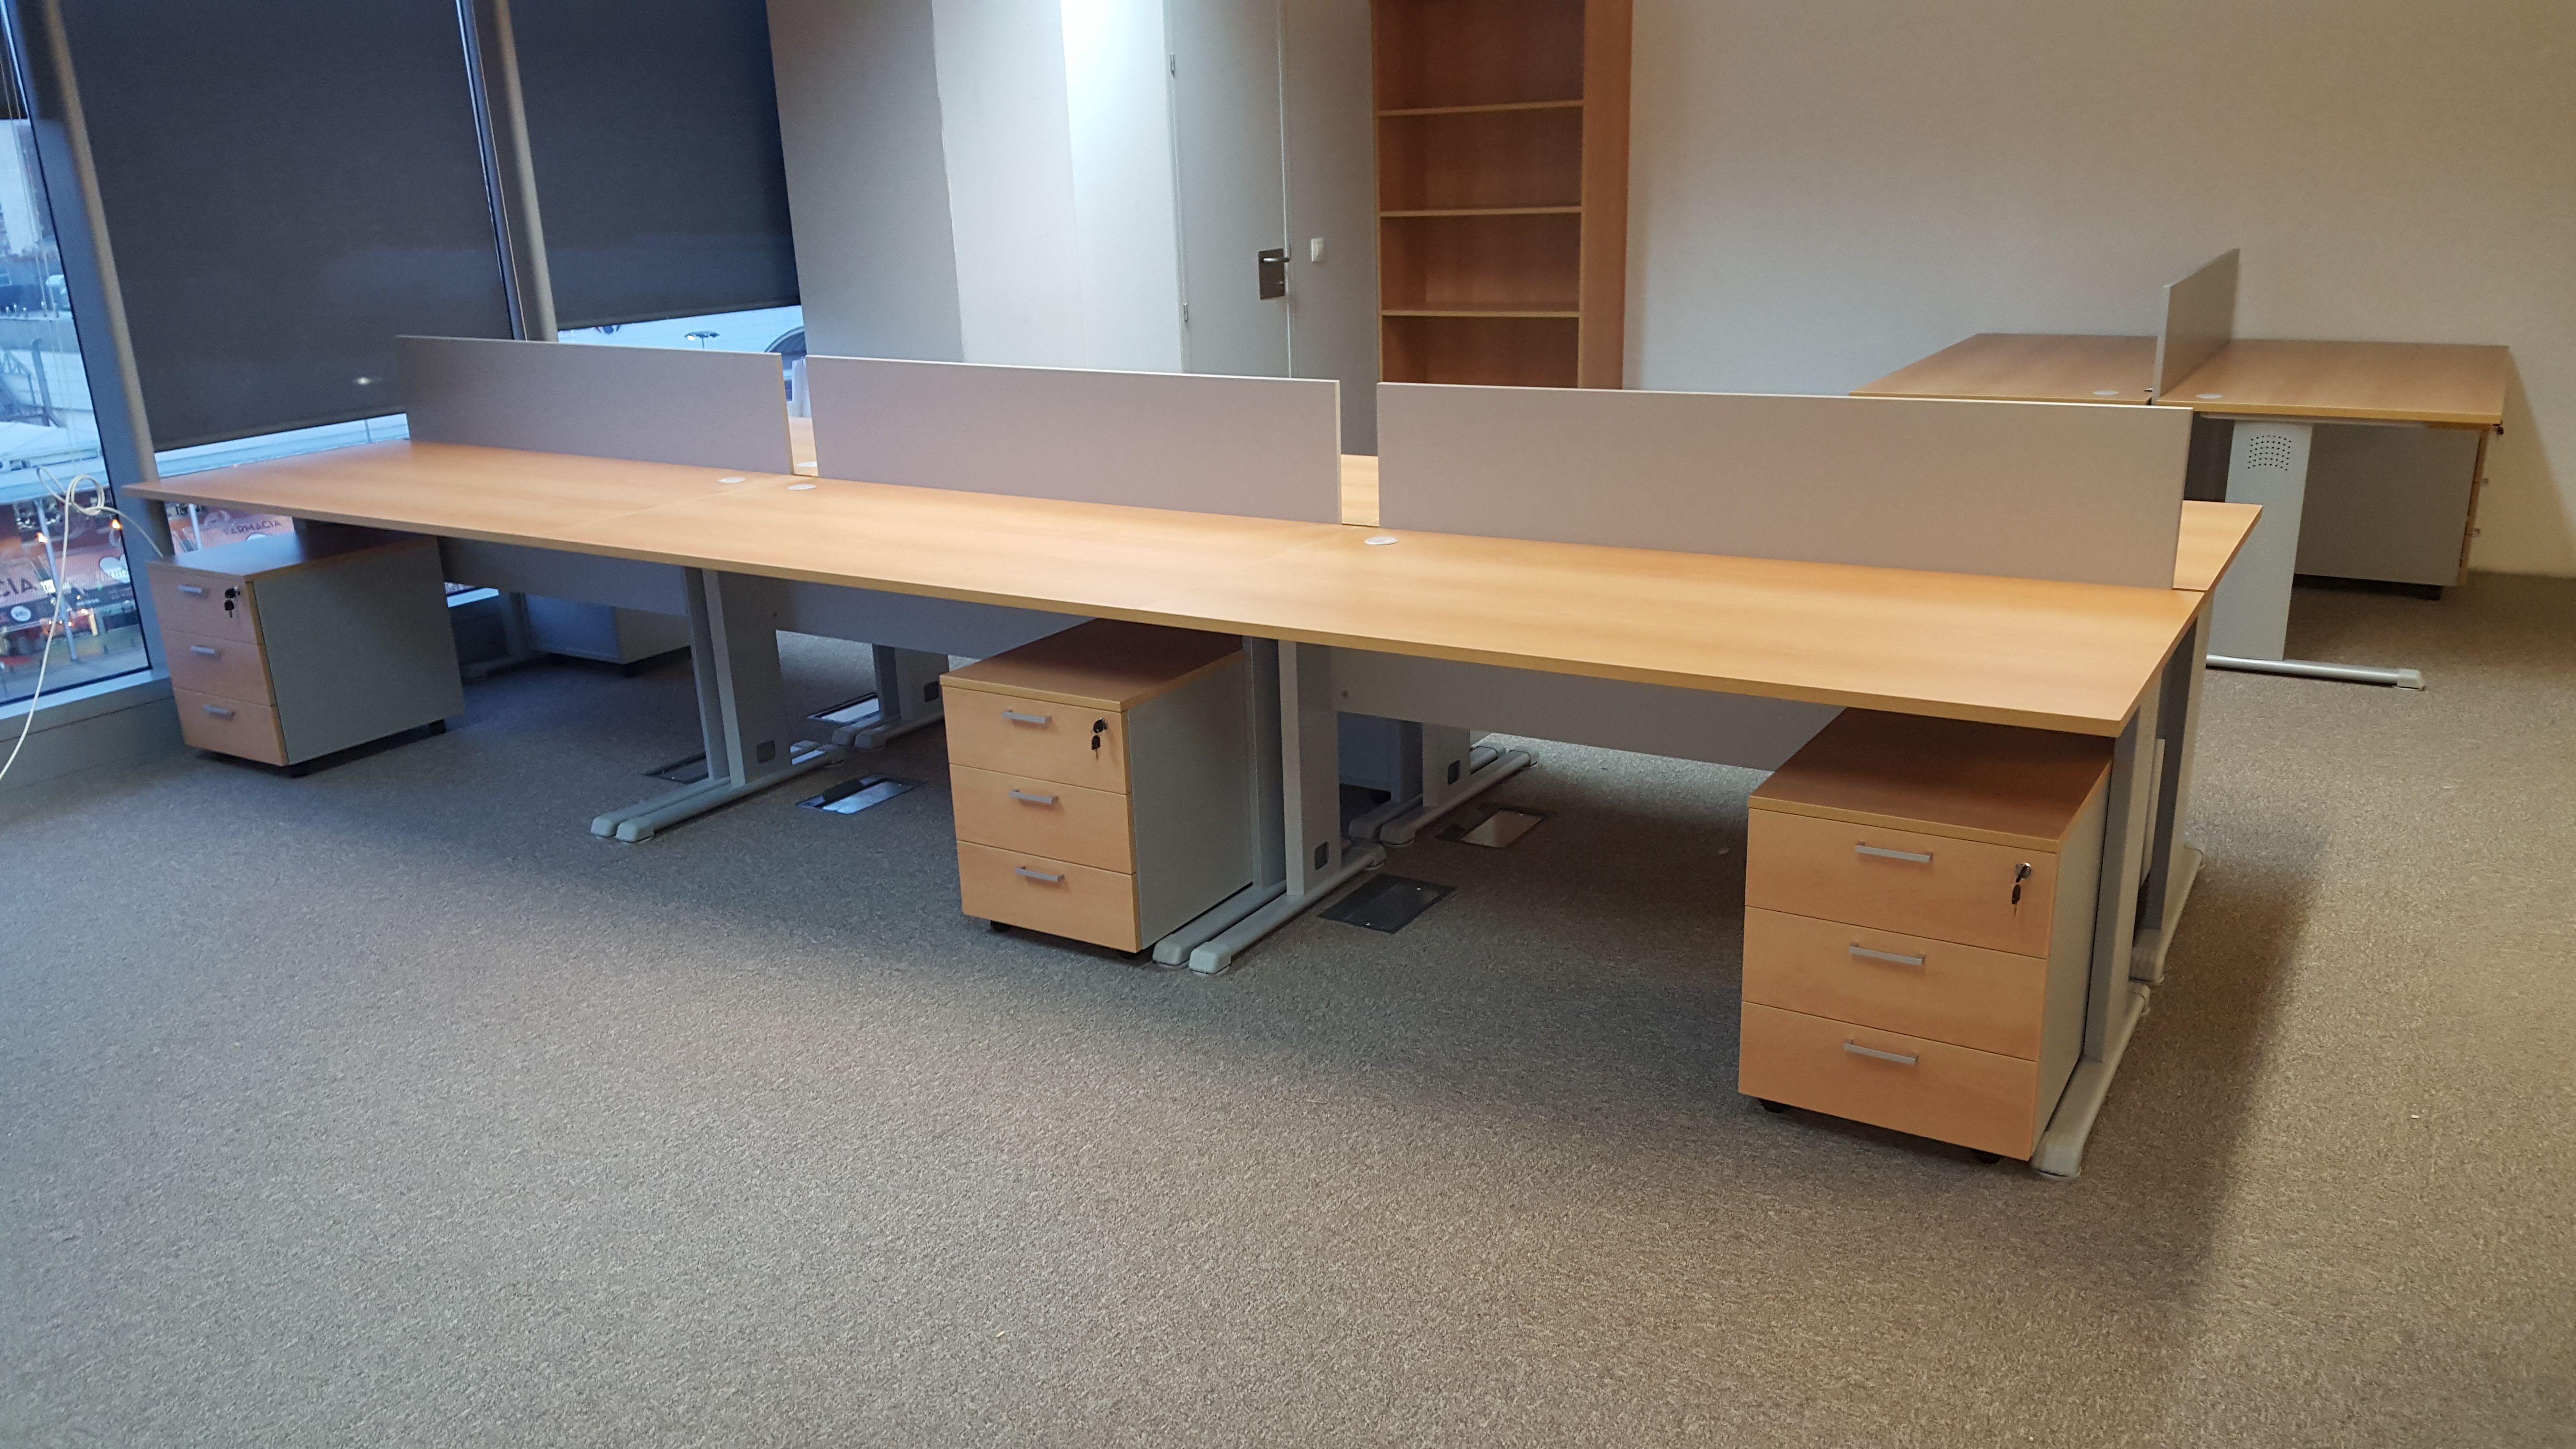 Mesas, cajoneras y complementos para oficinas